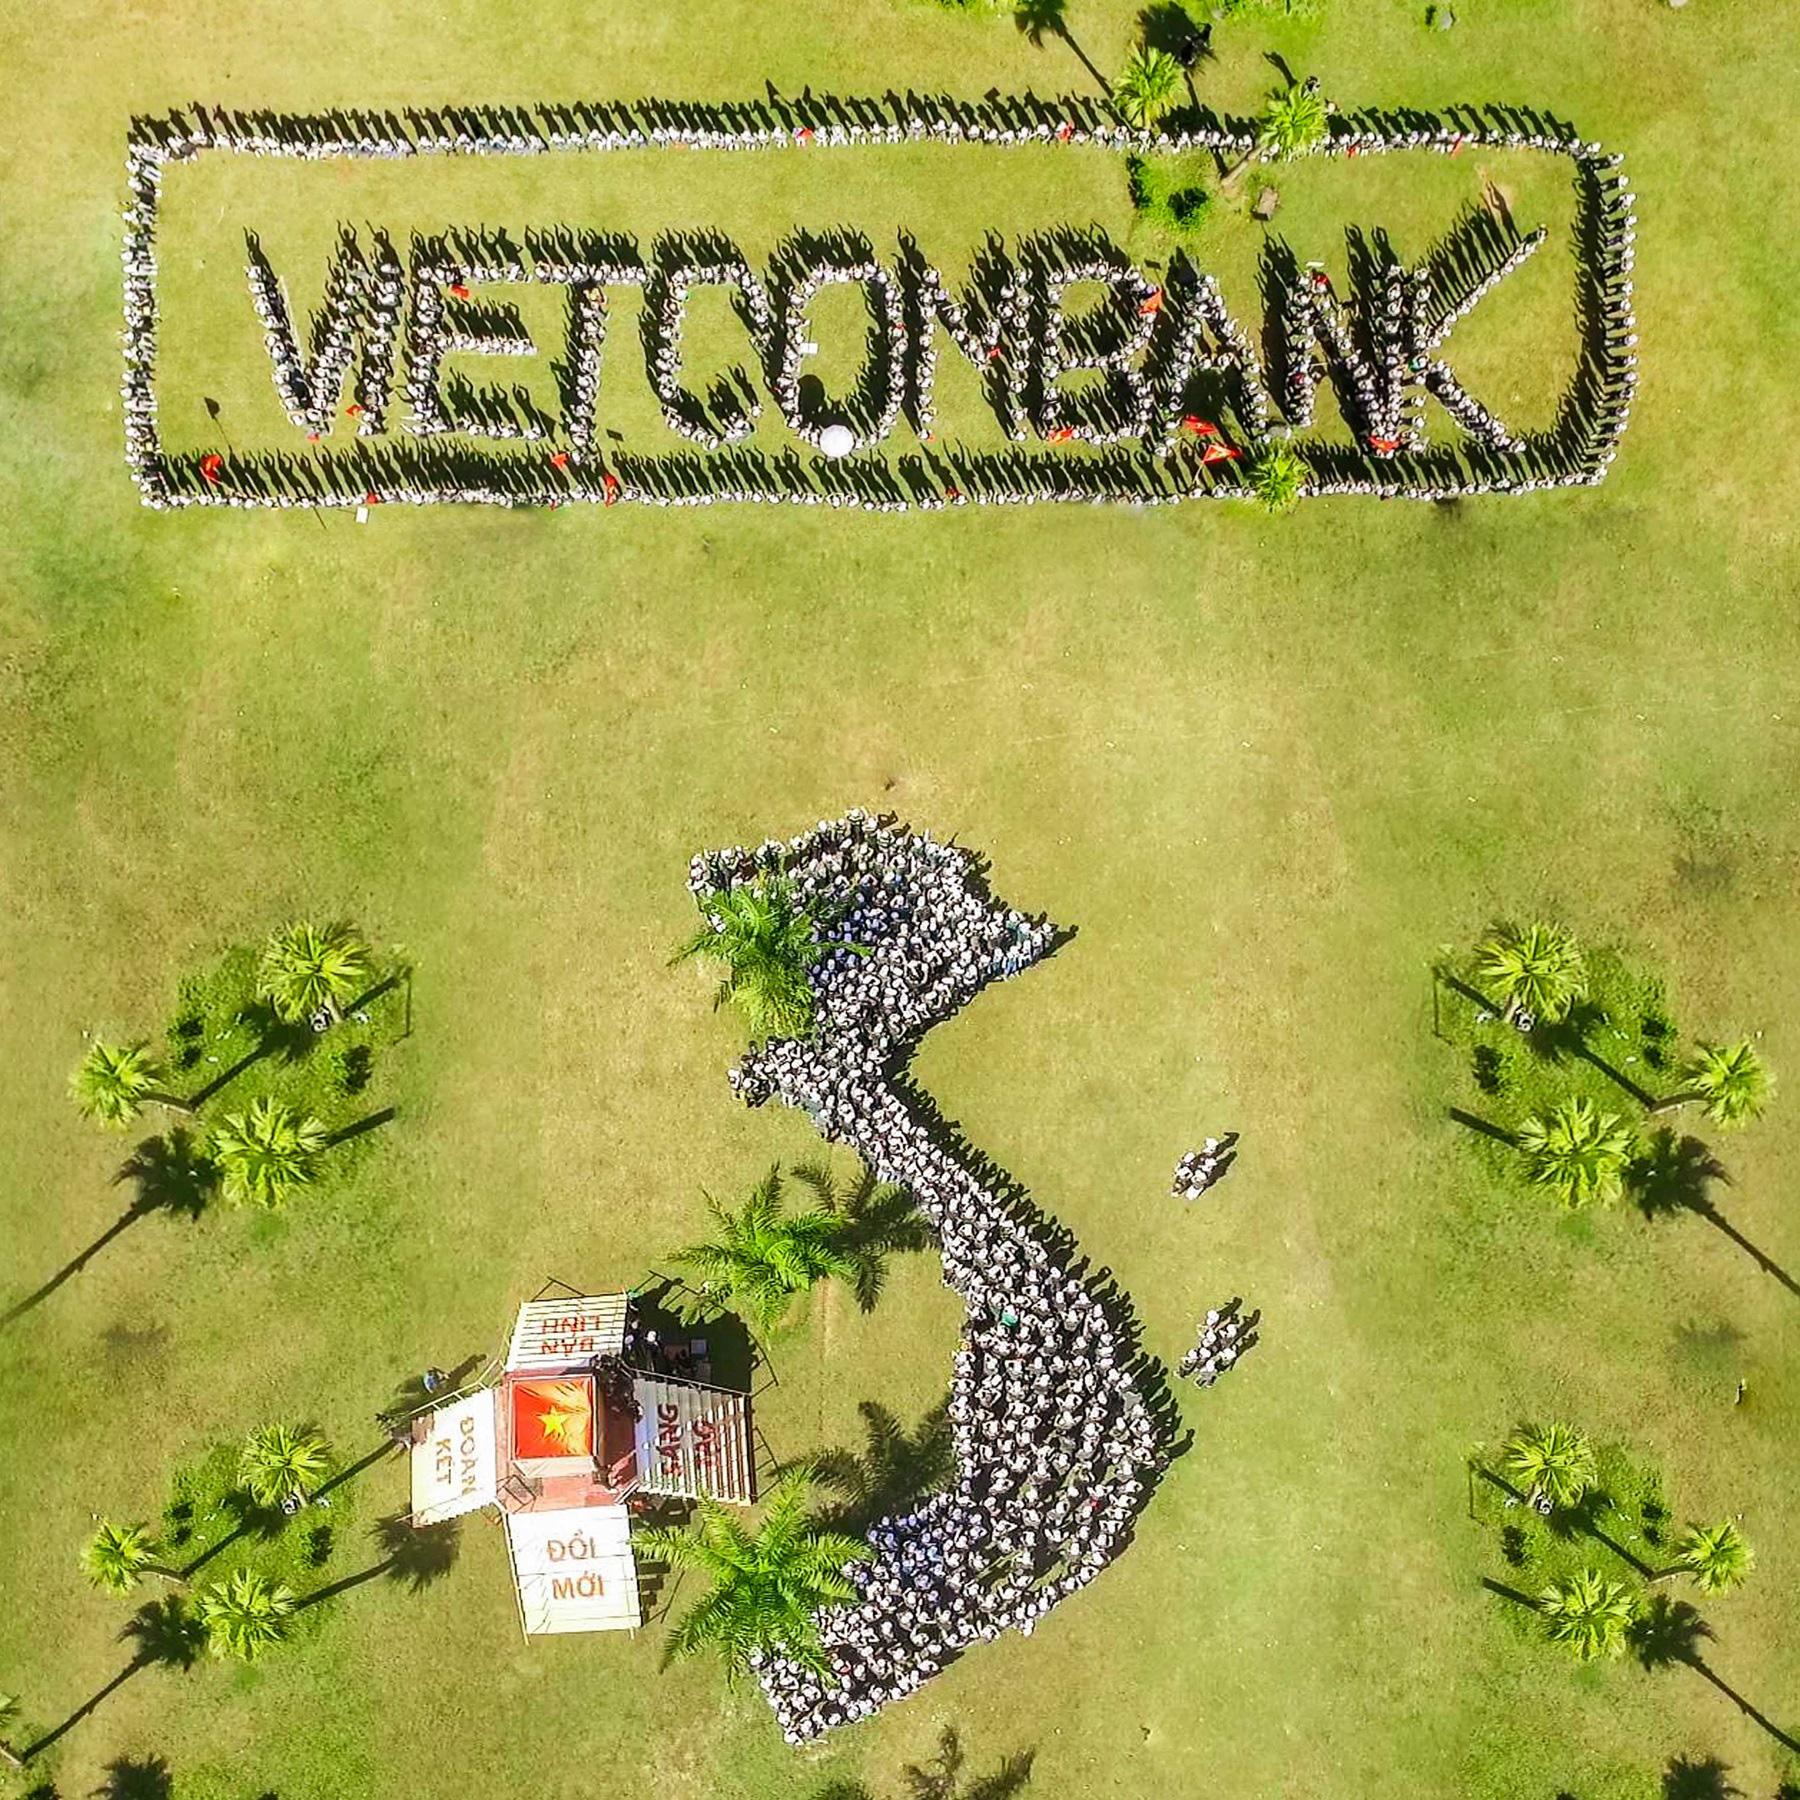 """Hội trại """"Tuổi trẻ Vietcombank – Sắt son niềm tin với Đảng"""" hướng tới chào mừng Đại hội Đảng các cấp - Ảnh 7."""